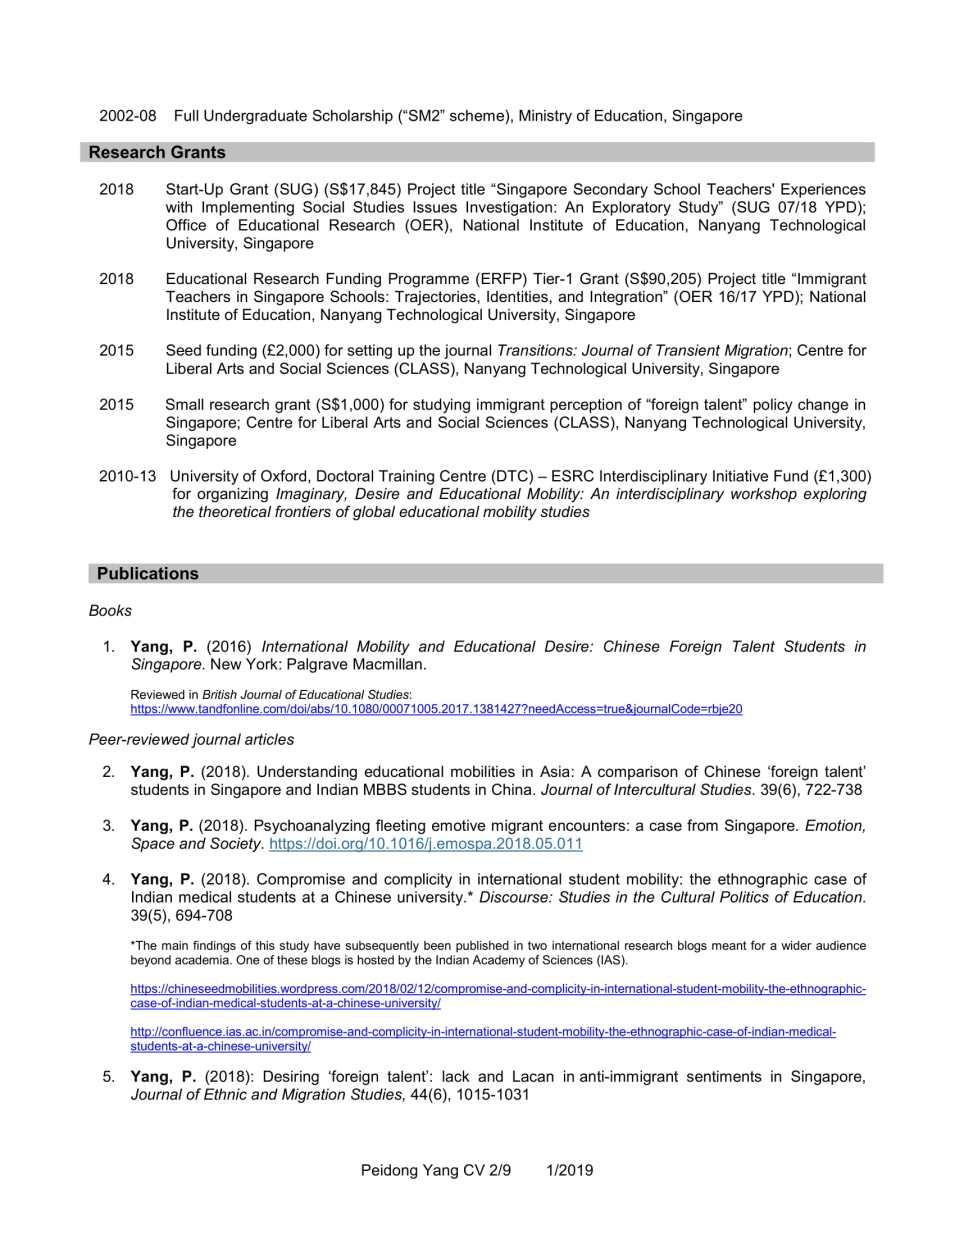 CV YANG Peidong_1.2019-2